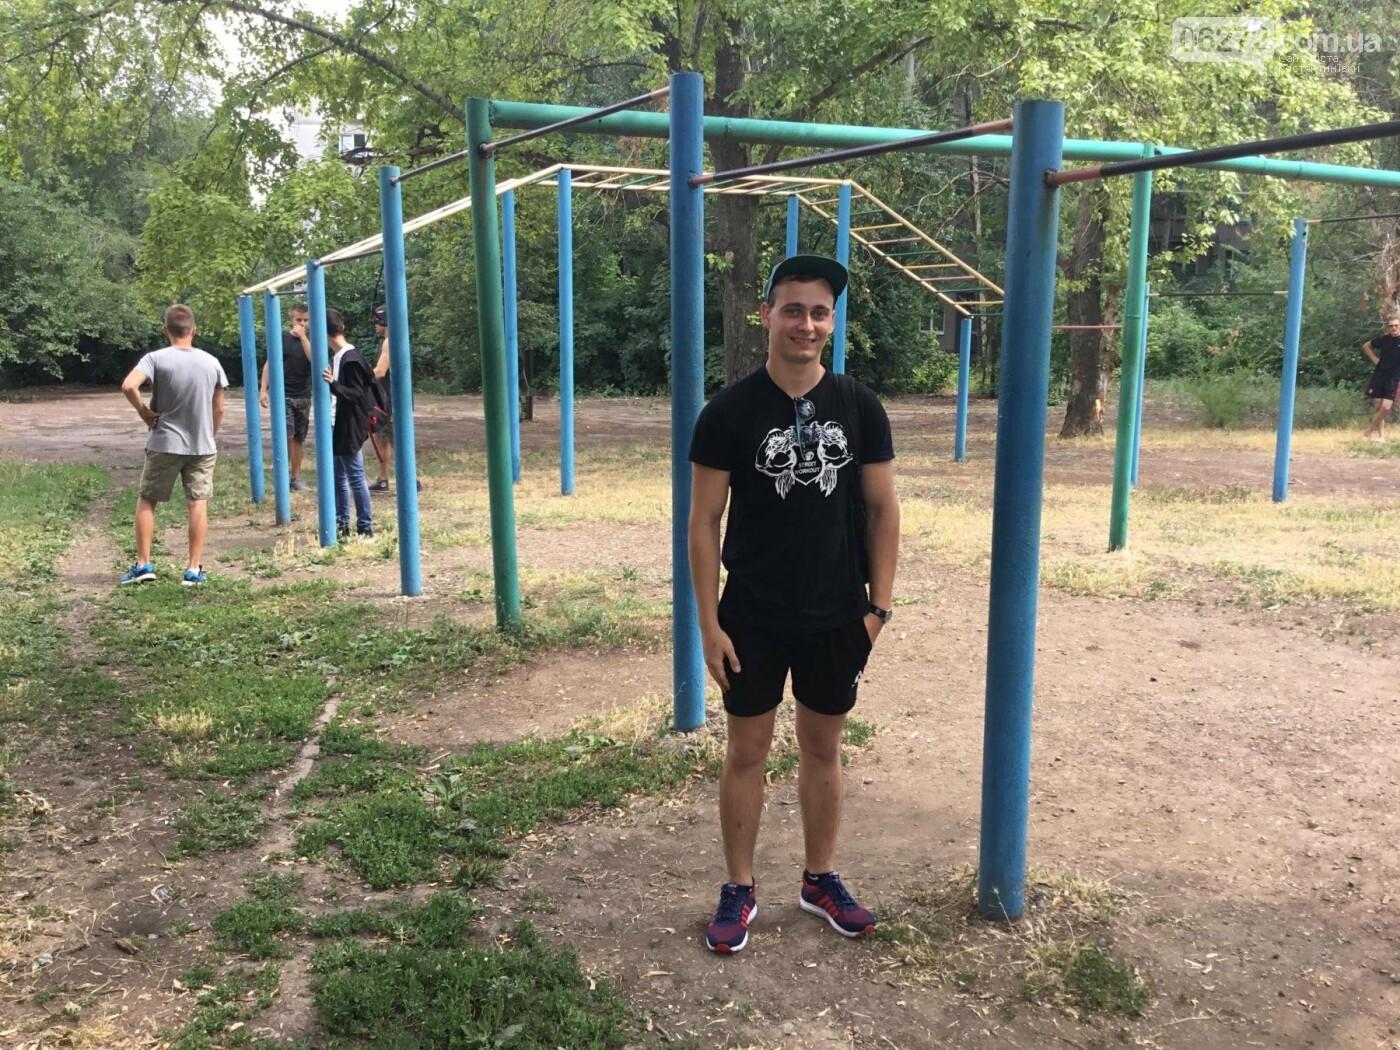 В Константиновке спортсмены приняли участие в соревнованиях по Street Workout, фото-3